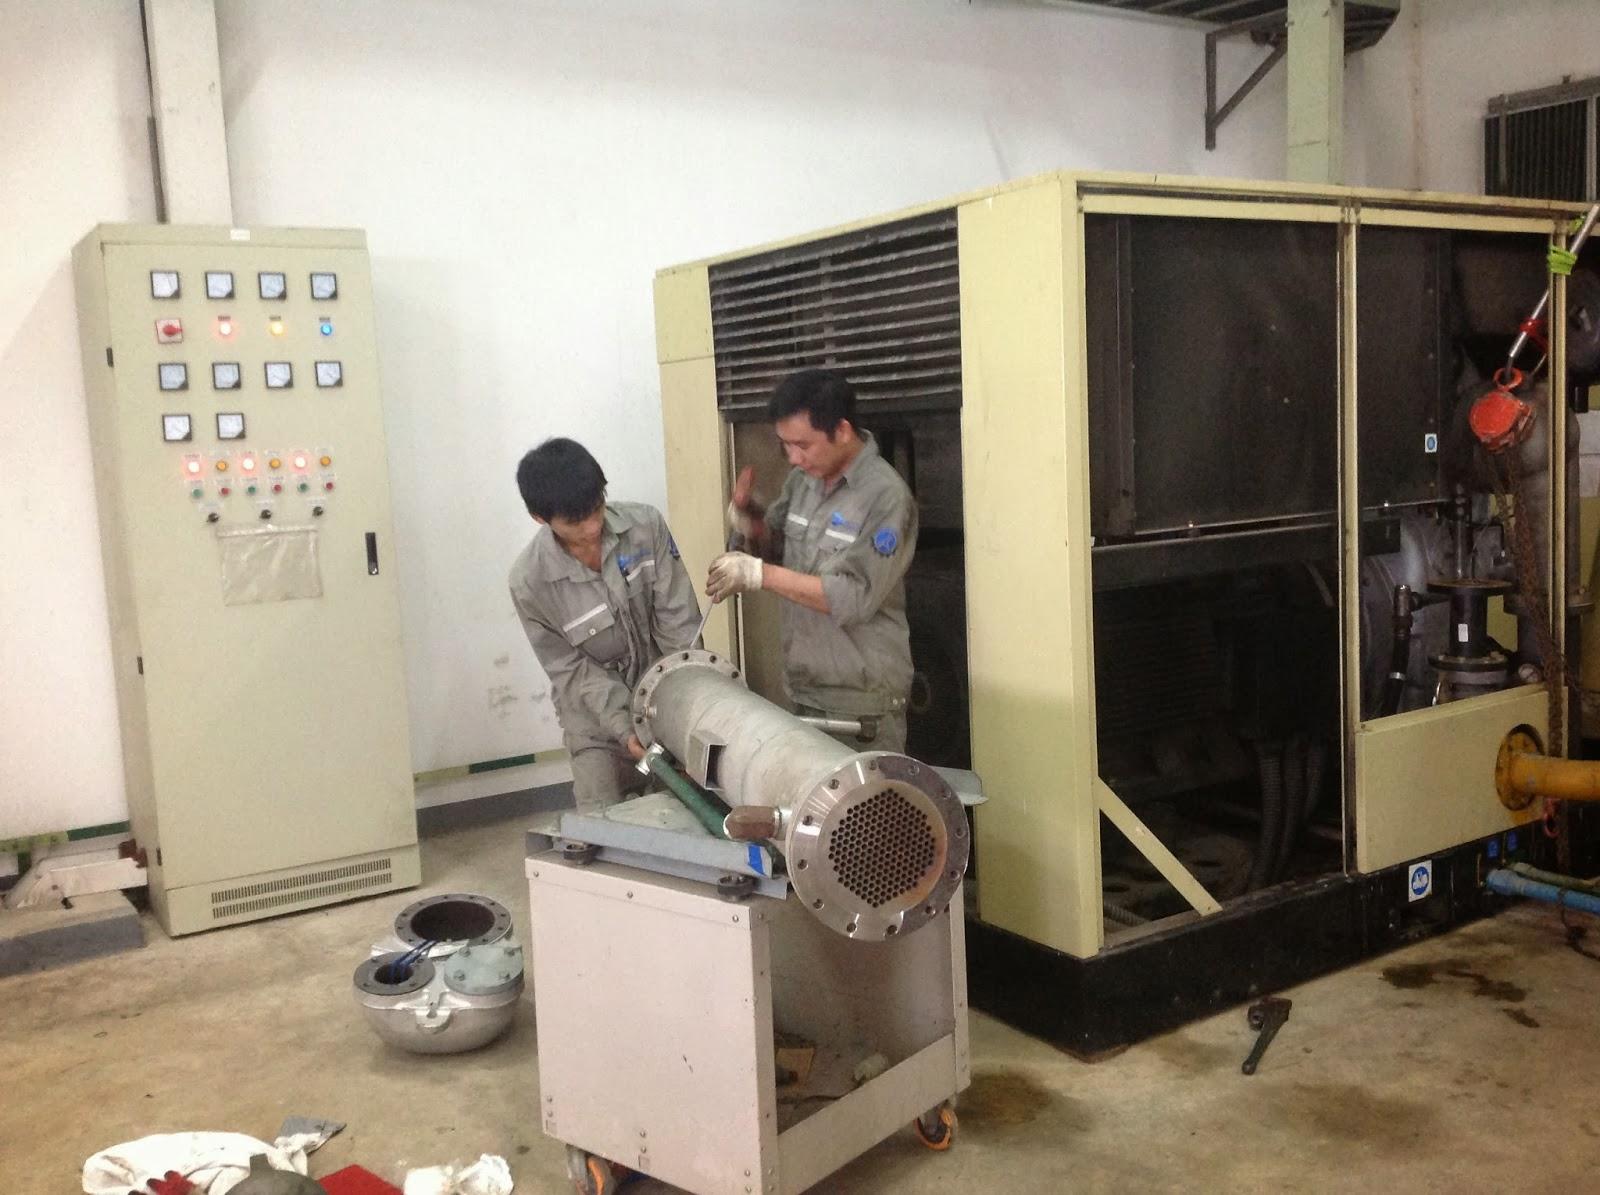 Hình ảnh minh họa: cách sửa máy và bảo dưỡng máy nén khí